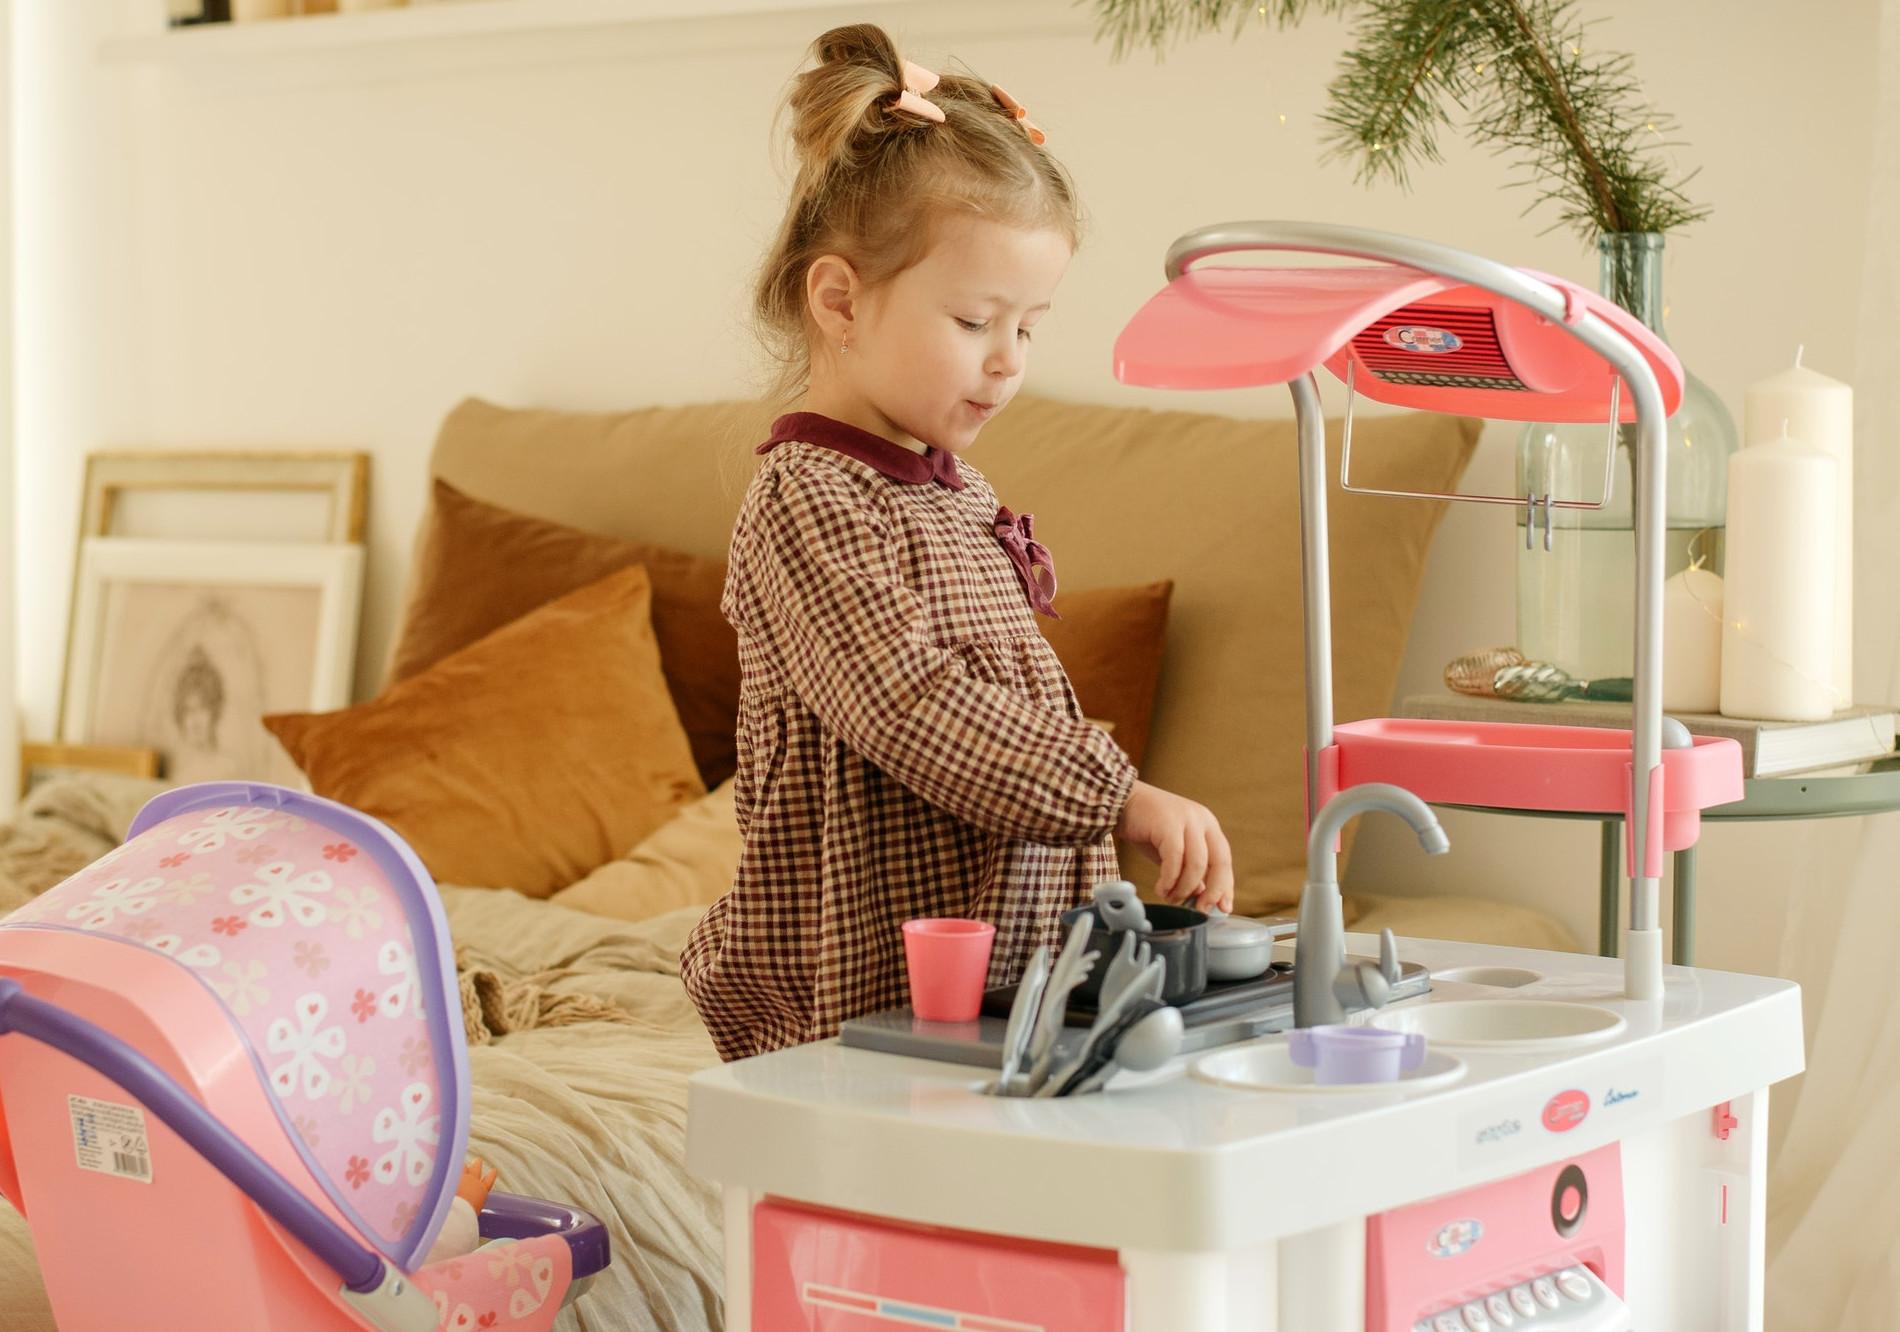 Dziewczynka bawi się zabawkową kuchnią